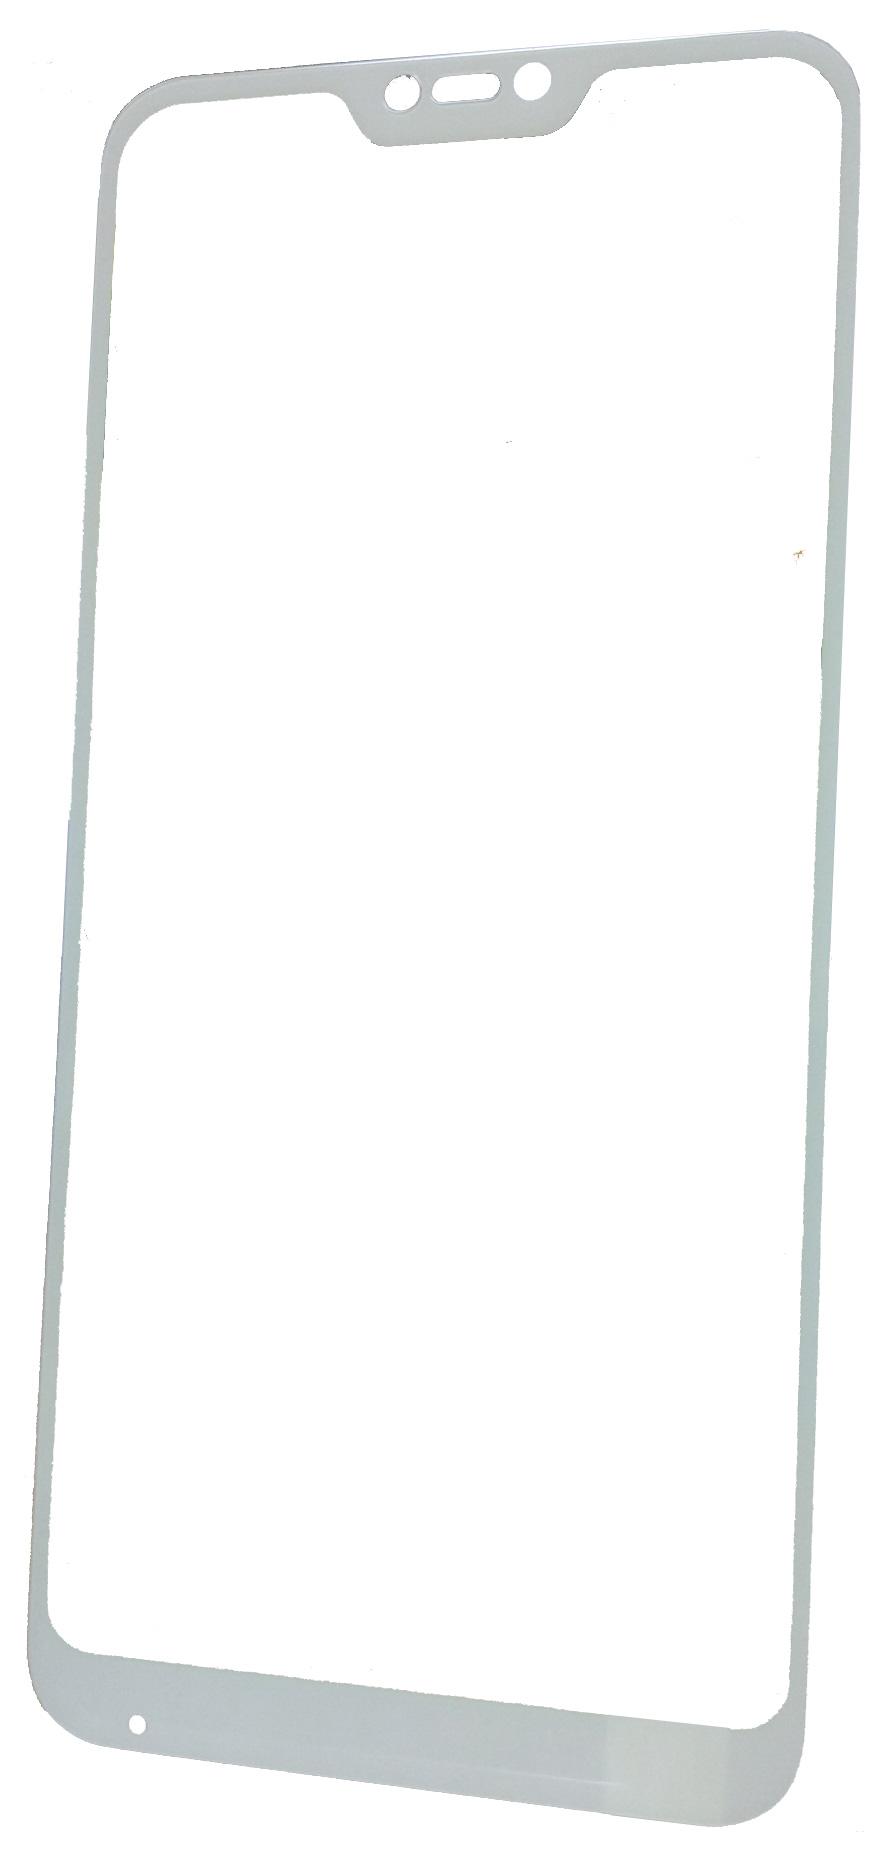 Защитное стекло Xiaomi Mi A2 Lite / Redmi 6 Pro (белая рамка), белый защитное стекло onext xiaomi mi 8 pro 2018